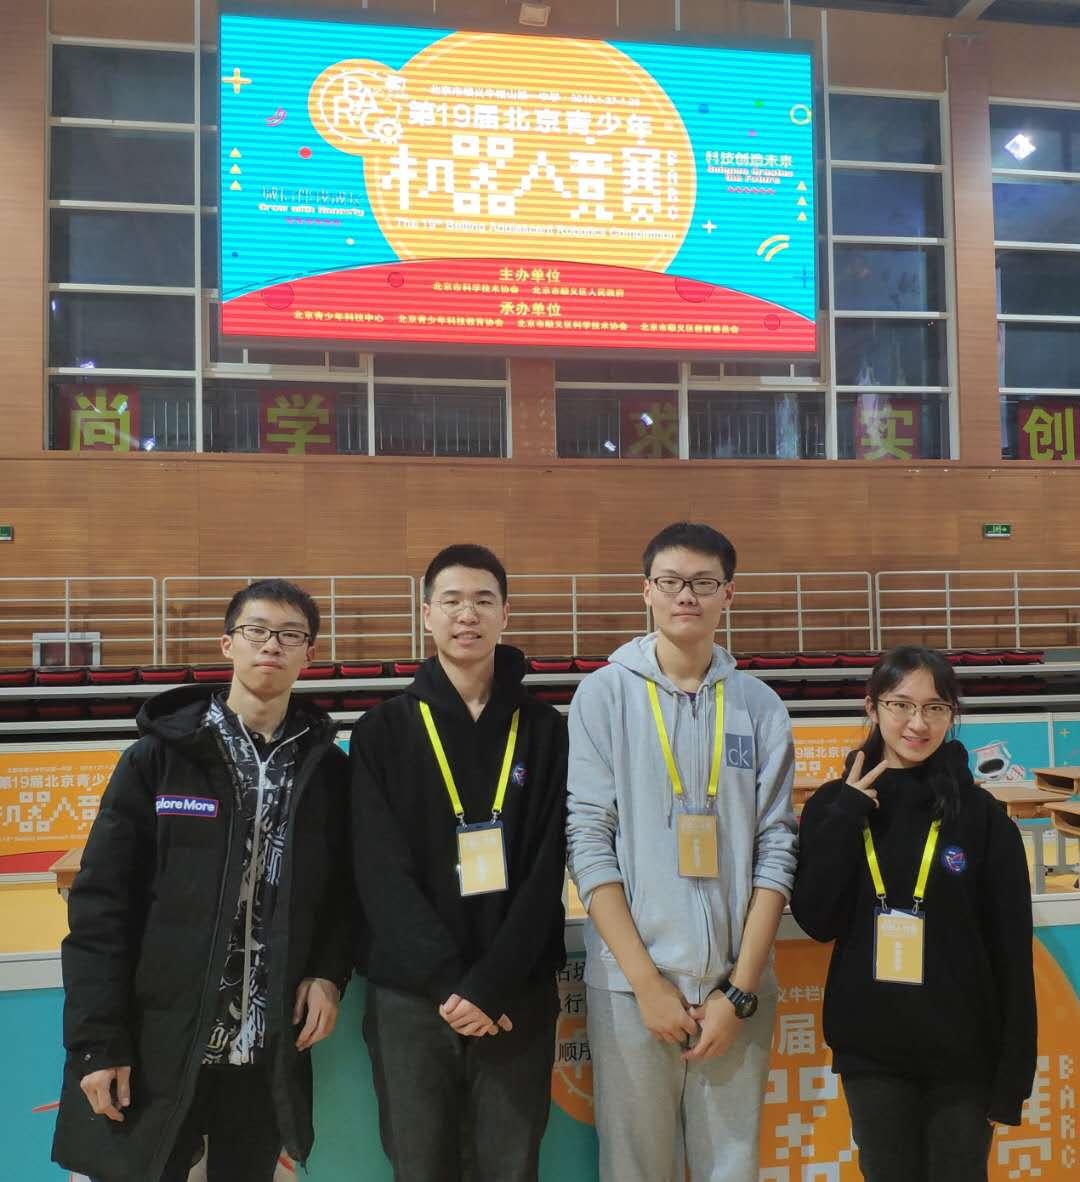 北京青少年机器人竞赛高中组冠军参赛选手.jpg